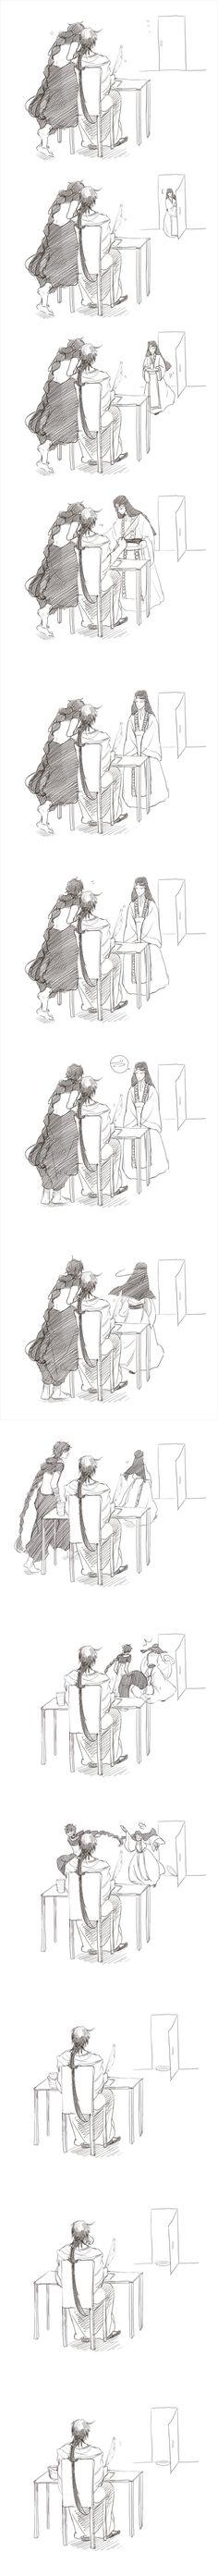 Judal,Sinbad and Jafar - lol